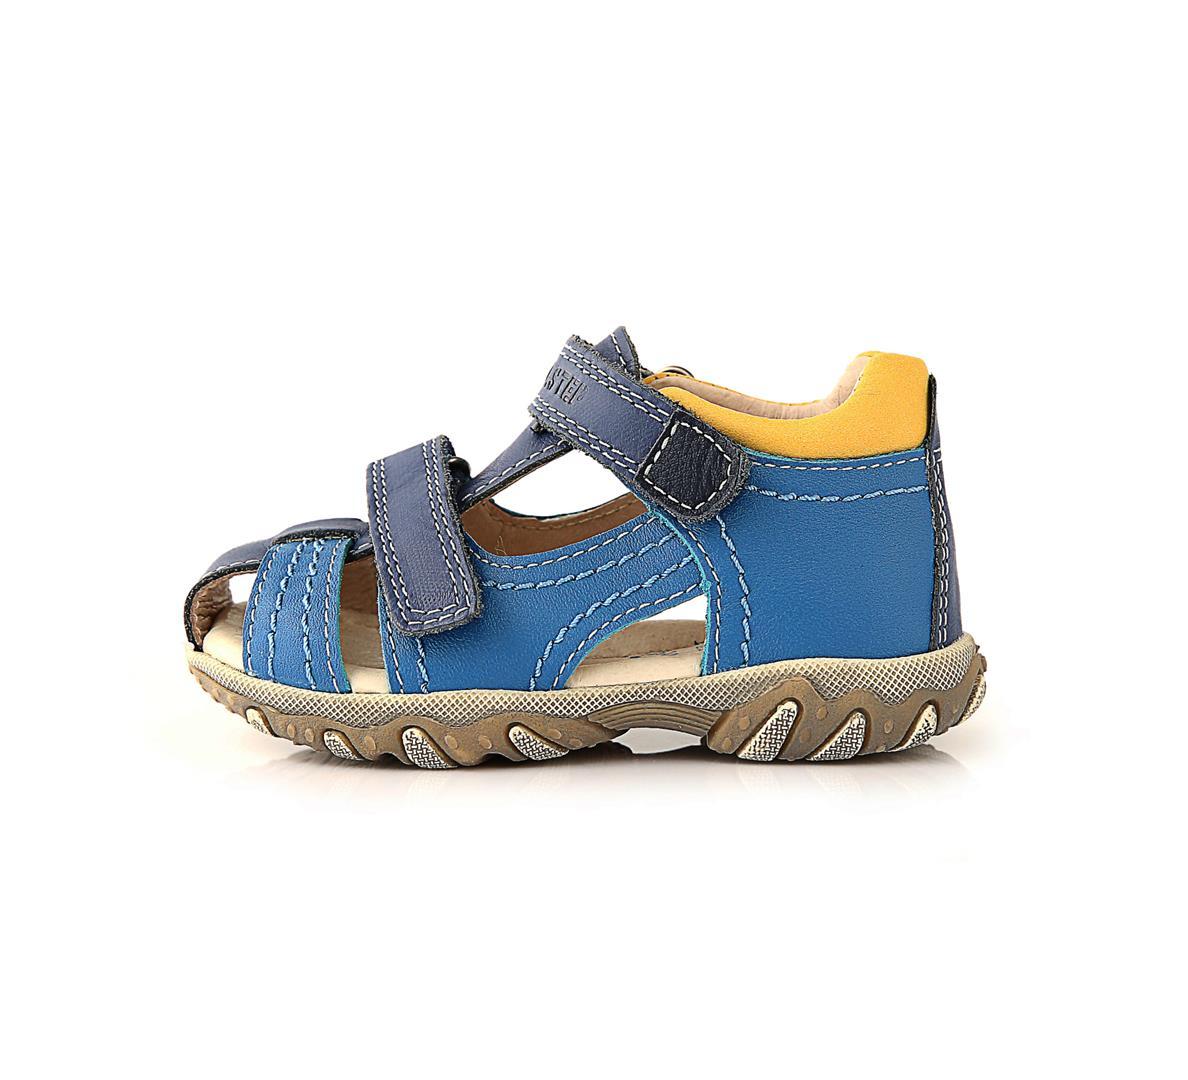 574cd4b23ede Chlapecké sandály D.D.Step AC625-23-vel.21